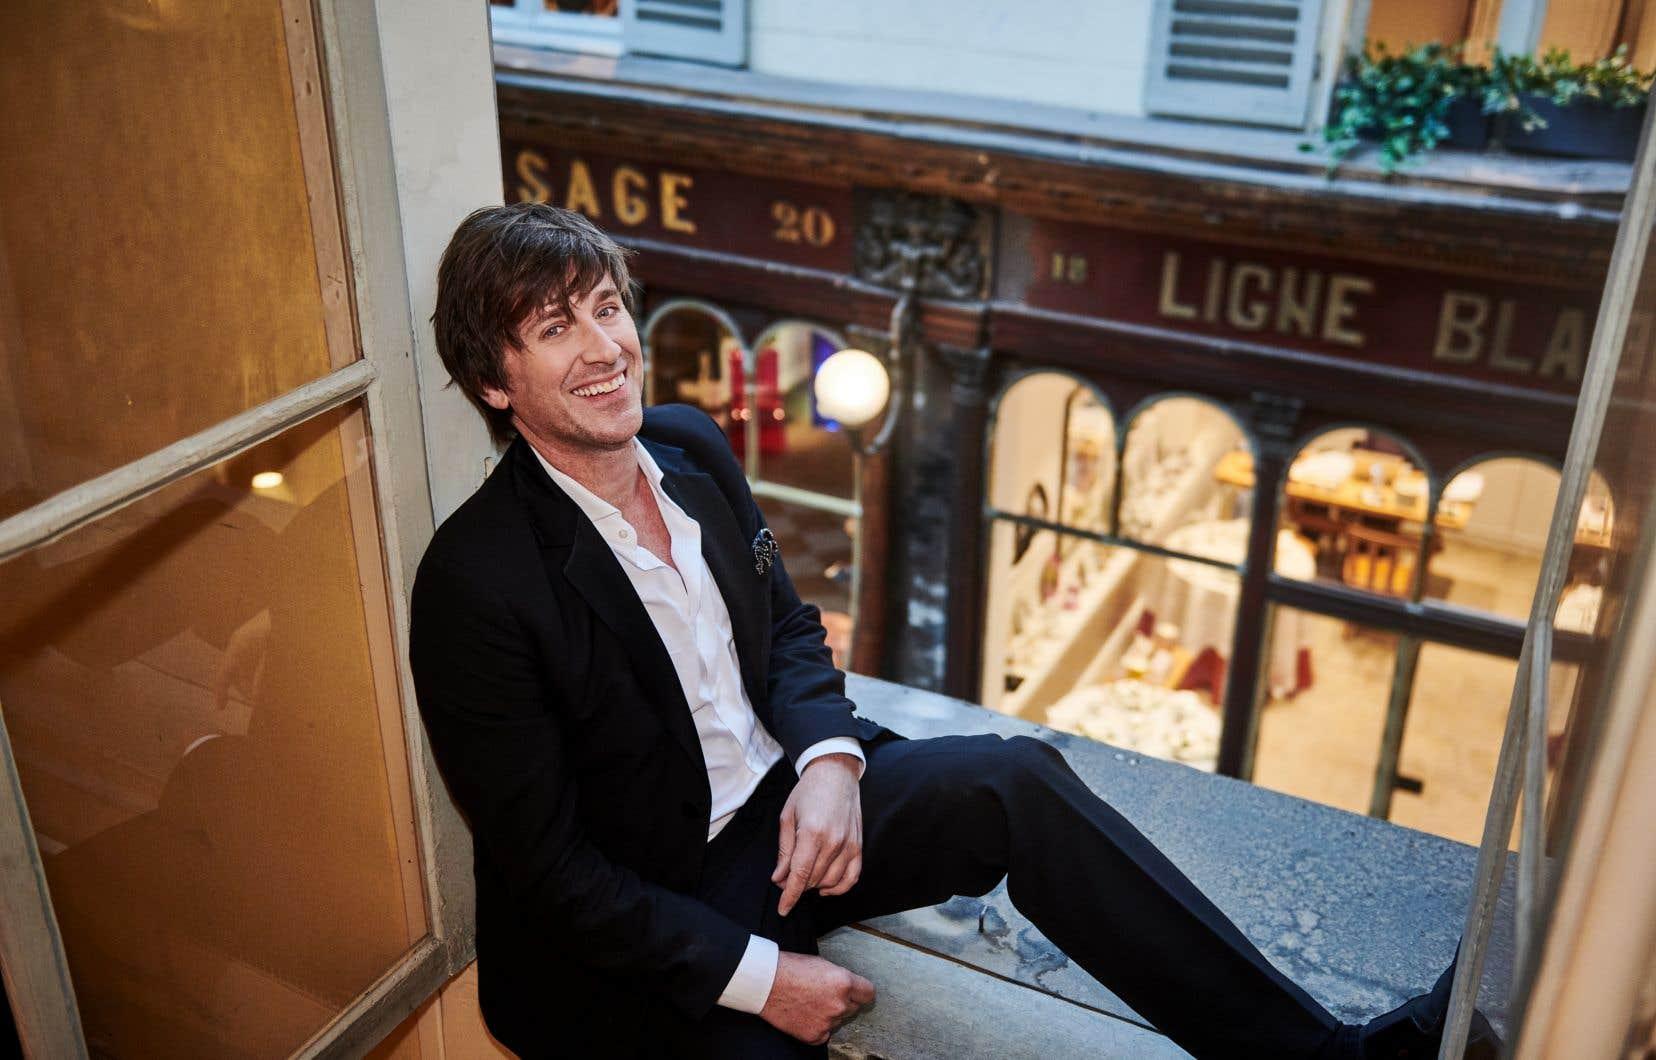 Comment rétablir le prestige de la France? Thomas Dutronc a ressorti de derrière les fagots, pour cet album, les chansons françaises les plus universellement célébrées, et a réuni l'équipe d'élite des musiciens européens, avec lesquelles il les a jouissivement «croonées», comme on dit dans l'Hexagone.